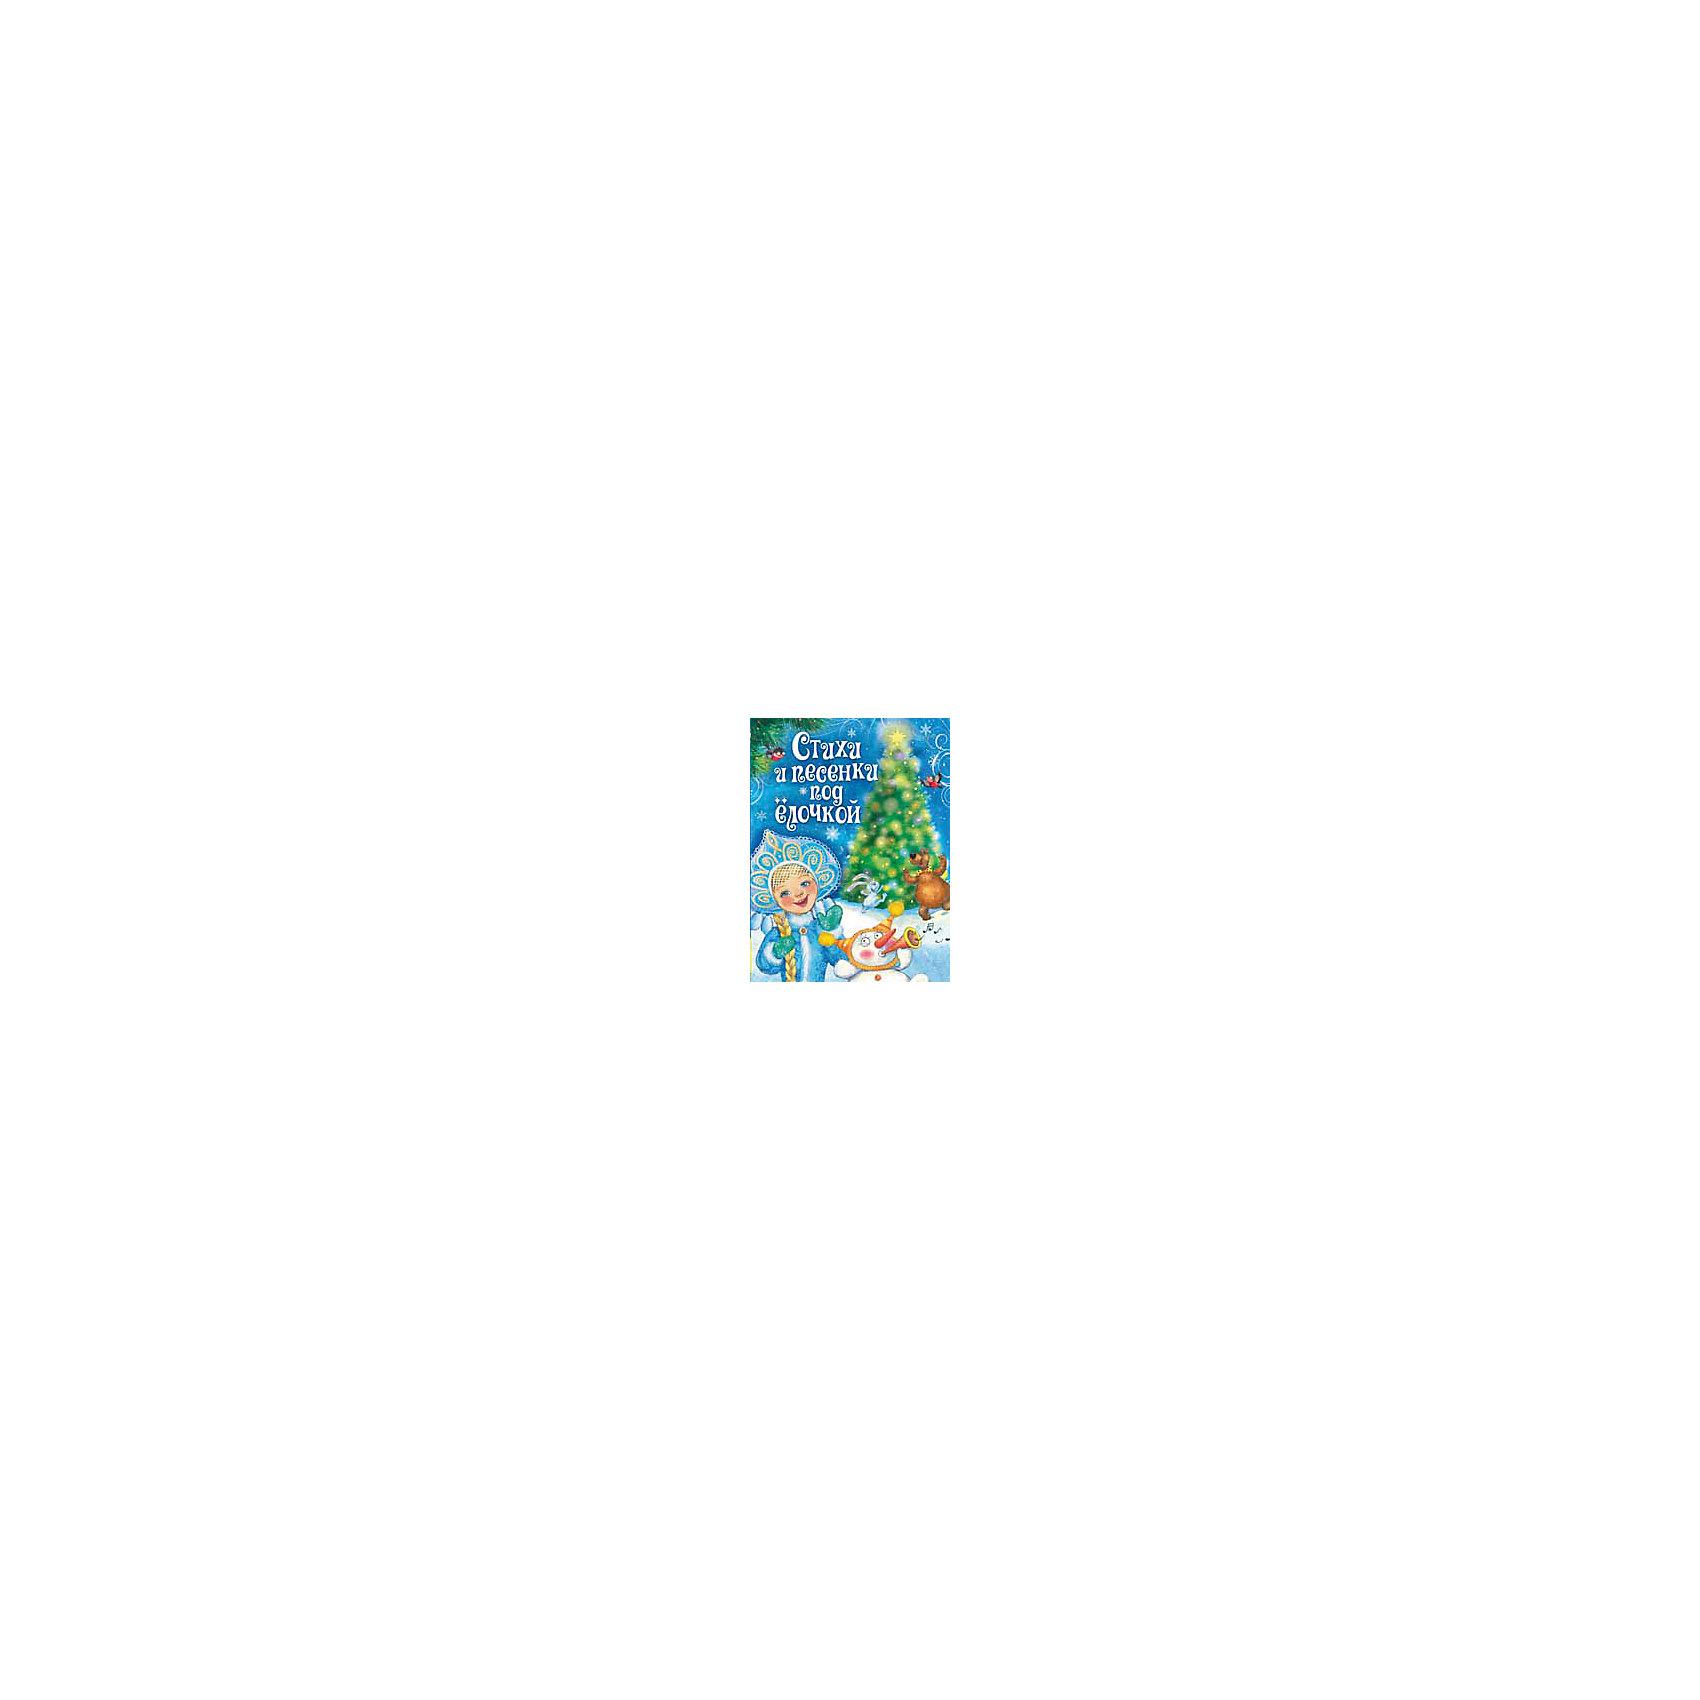 Стихи и песенки под ёлочкойСборник веселых, зимних, новогодних песенок и стихов. В книгу вошли популярнейшие детские песенки: Ю. Энтин Расскажи, Снегурочка…, Песенка о лете, Кабы не было зимы, Р. Кудашева «В лесу родилась елочка» и многие другие. А также стихи о зиме самых любимых поэтов: А. Барто, К. Чуковского, А. Усачева, М. Бородицкой!<br><br>Ширина мм: 221<br>Глубина мм: 167<br>Высота мм: 6<br>Вес г: 185<br>Возраст от месяцев: 36<br>Возраст до месяцев: 60<br>Пол: Унисекс<br>Возраст: Детский<br>SKU: 5016323